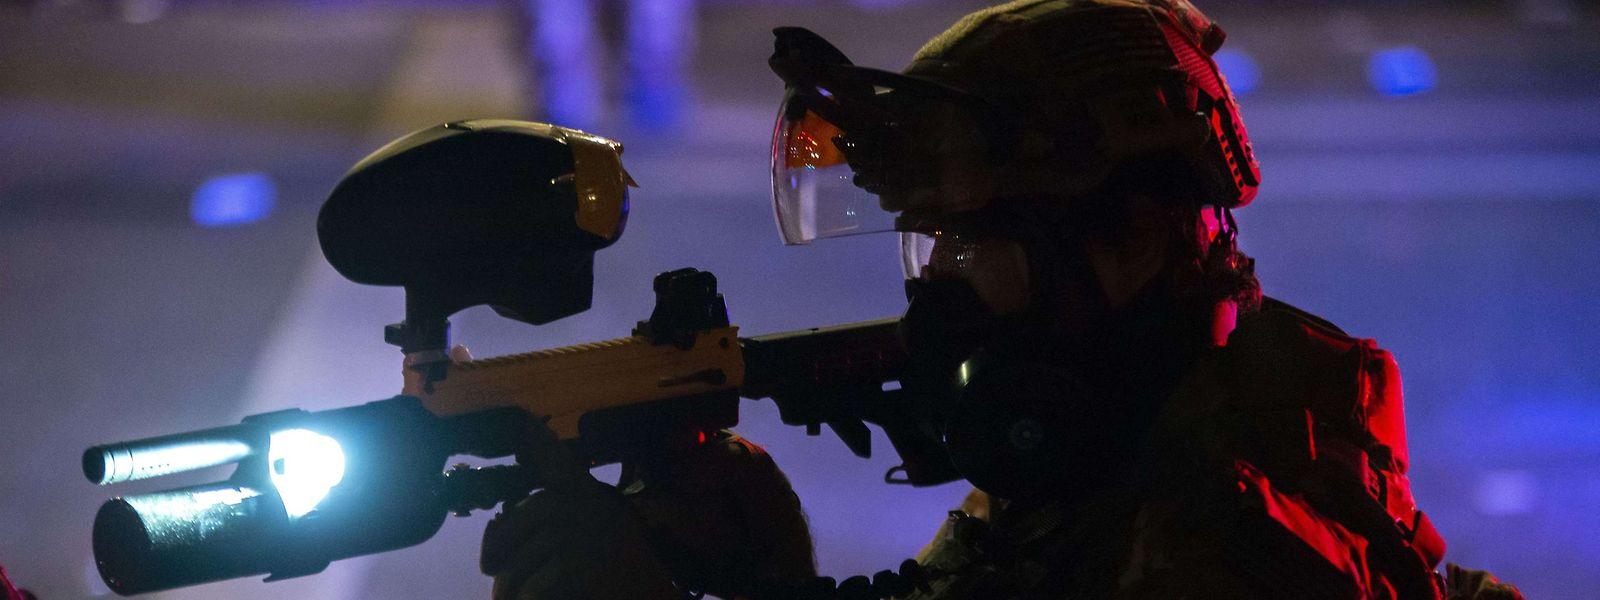 Ein Beamter der Bundespolizei mit einer nicht-tödlichen Waffe.